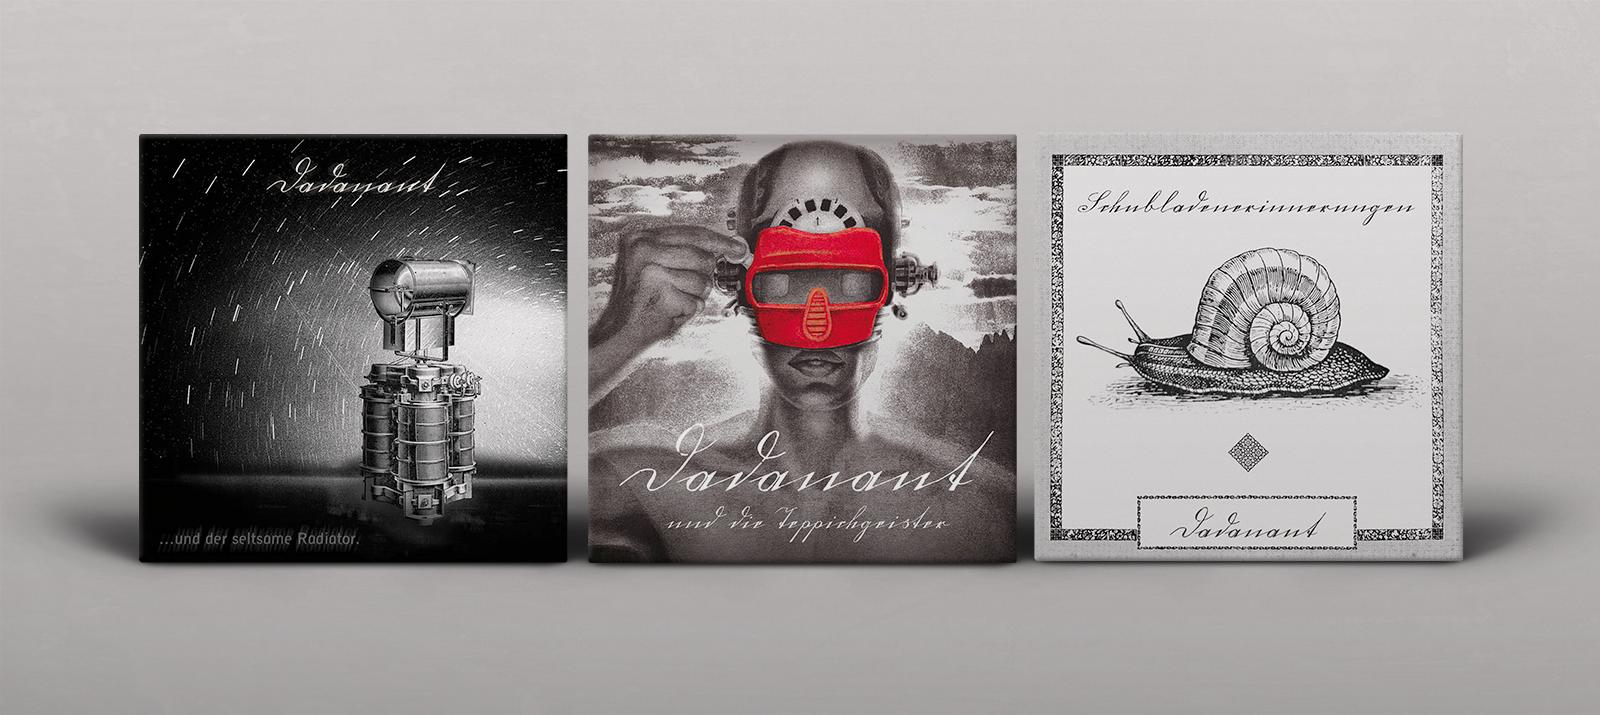 Dadanaut jetzt auch bei iTunes